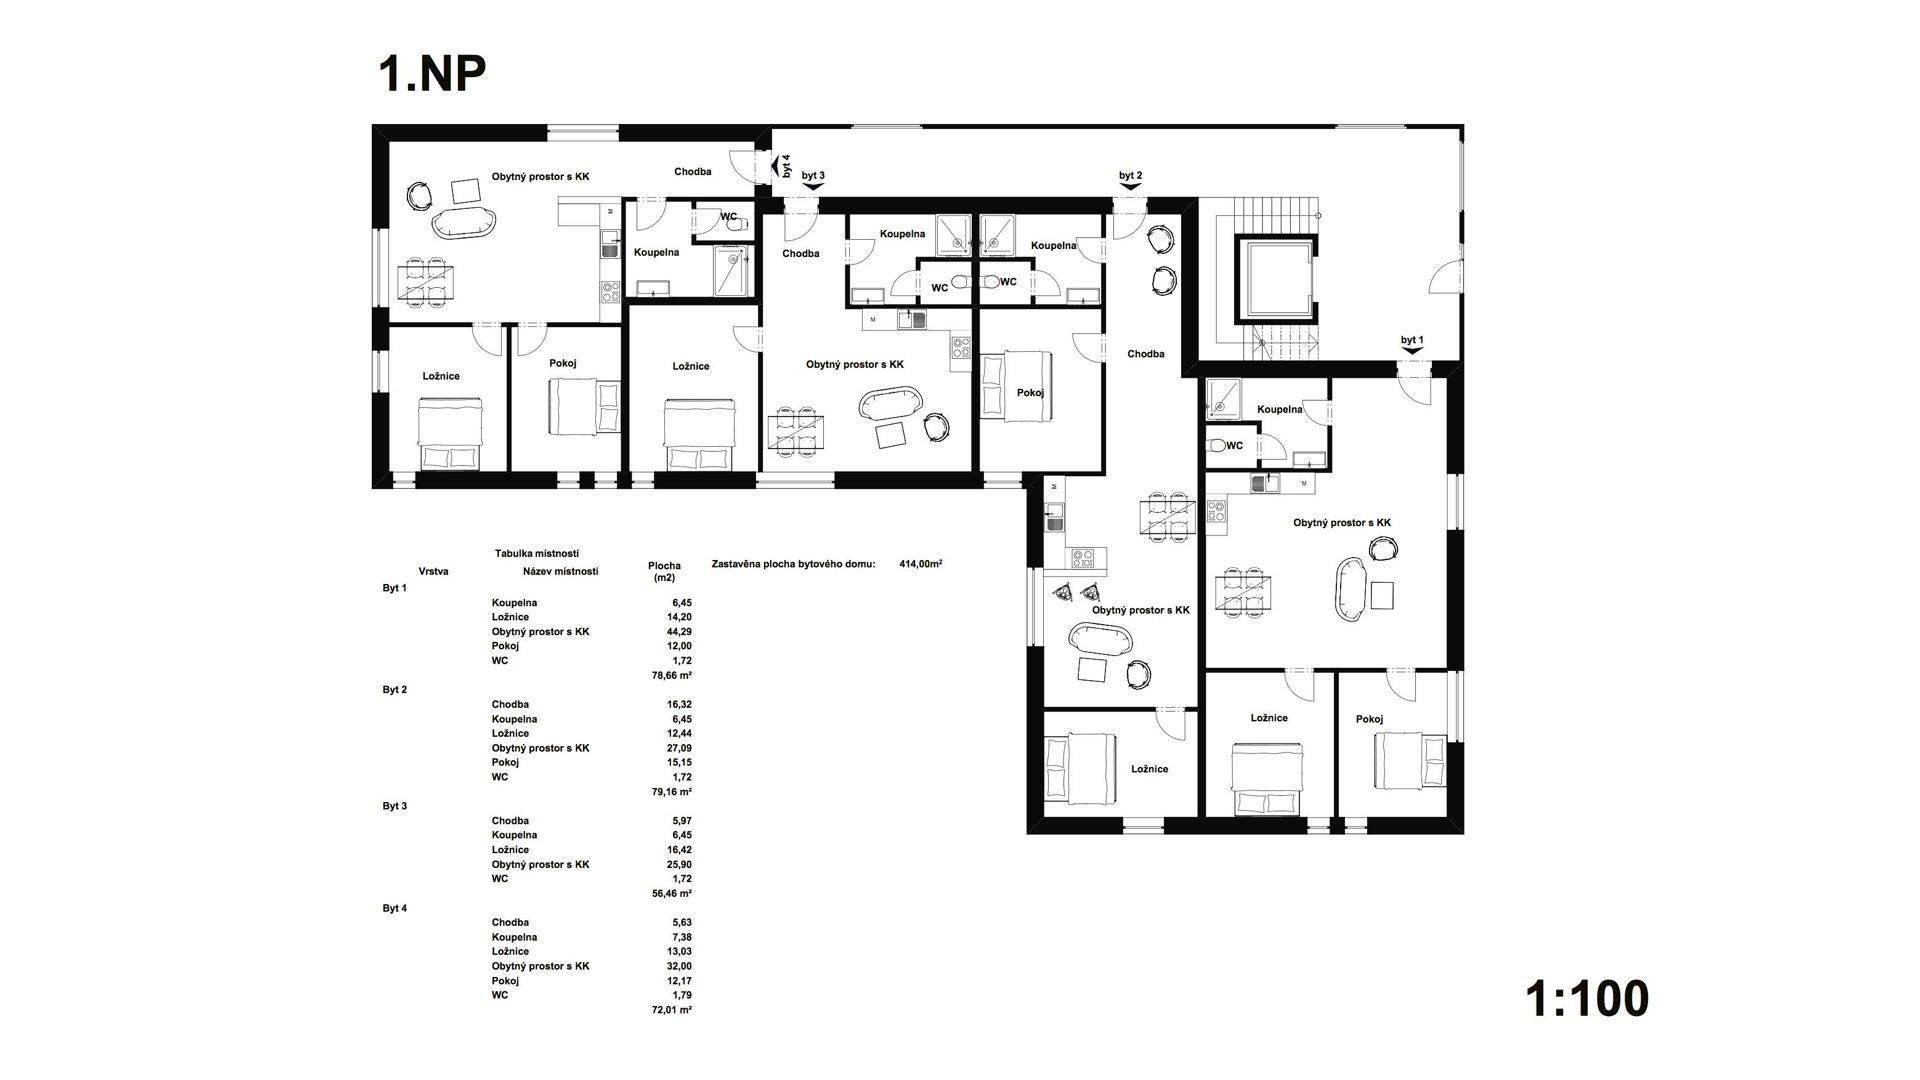 Rezidence Jeneralka KKCG - půdorys bytového domu - 1.NP. Autor: Kurz architekti